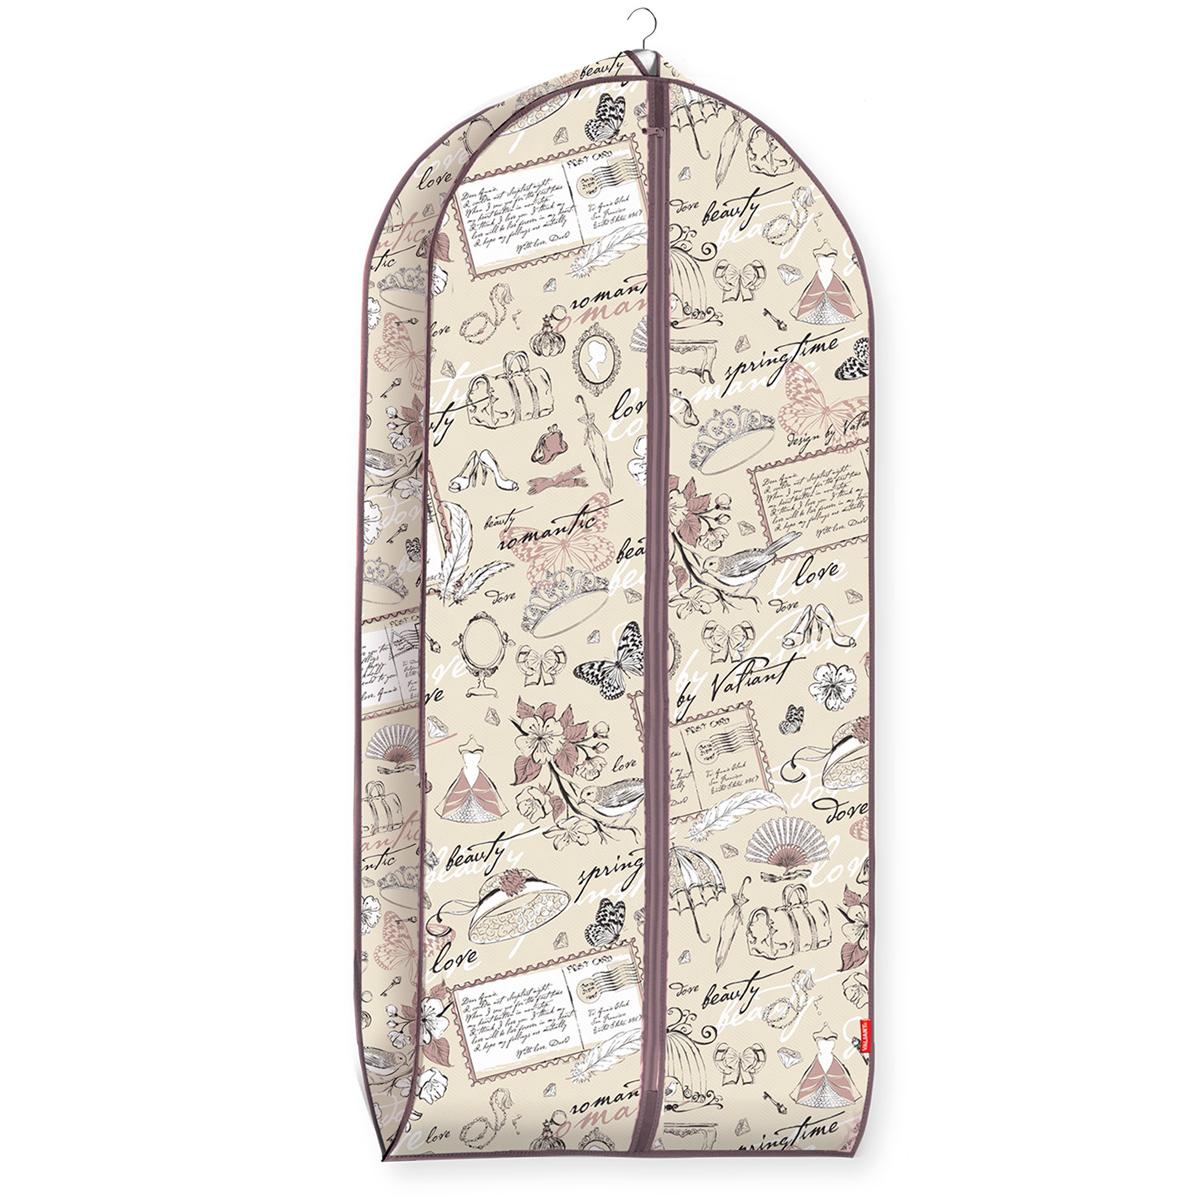 Чехол для одежды Valiant Romantic, объемный, 60 см х 137 см х 10 см12723Чехол для одежды Valiant Romantic изготовлен из высококачественного нетканого материала (спанбонда), который обеспечивает естественную вентиляцию, позволяя воздуху проникать внутрь, но не пропускает пыль. Чехол очень удобен в использовании. Наличие боковой вставки увеличивает объем чехла, что позволяет хранить крупные объемные вещи. Чехол легко открывается и закрывается застежкой-молнией. Идеально подойдет для хранения одежды и удобной перевозки. Система хранения Romantic создаст трогательную атмосферу романтического настроения в женском гардеробе. Оригинальный дизайн придется по вкусу ценительницам эстетичного хранения. Системы хранения в едином дизайне сделают вашу гардеробную изысканной и невероятно стильной.